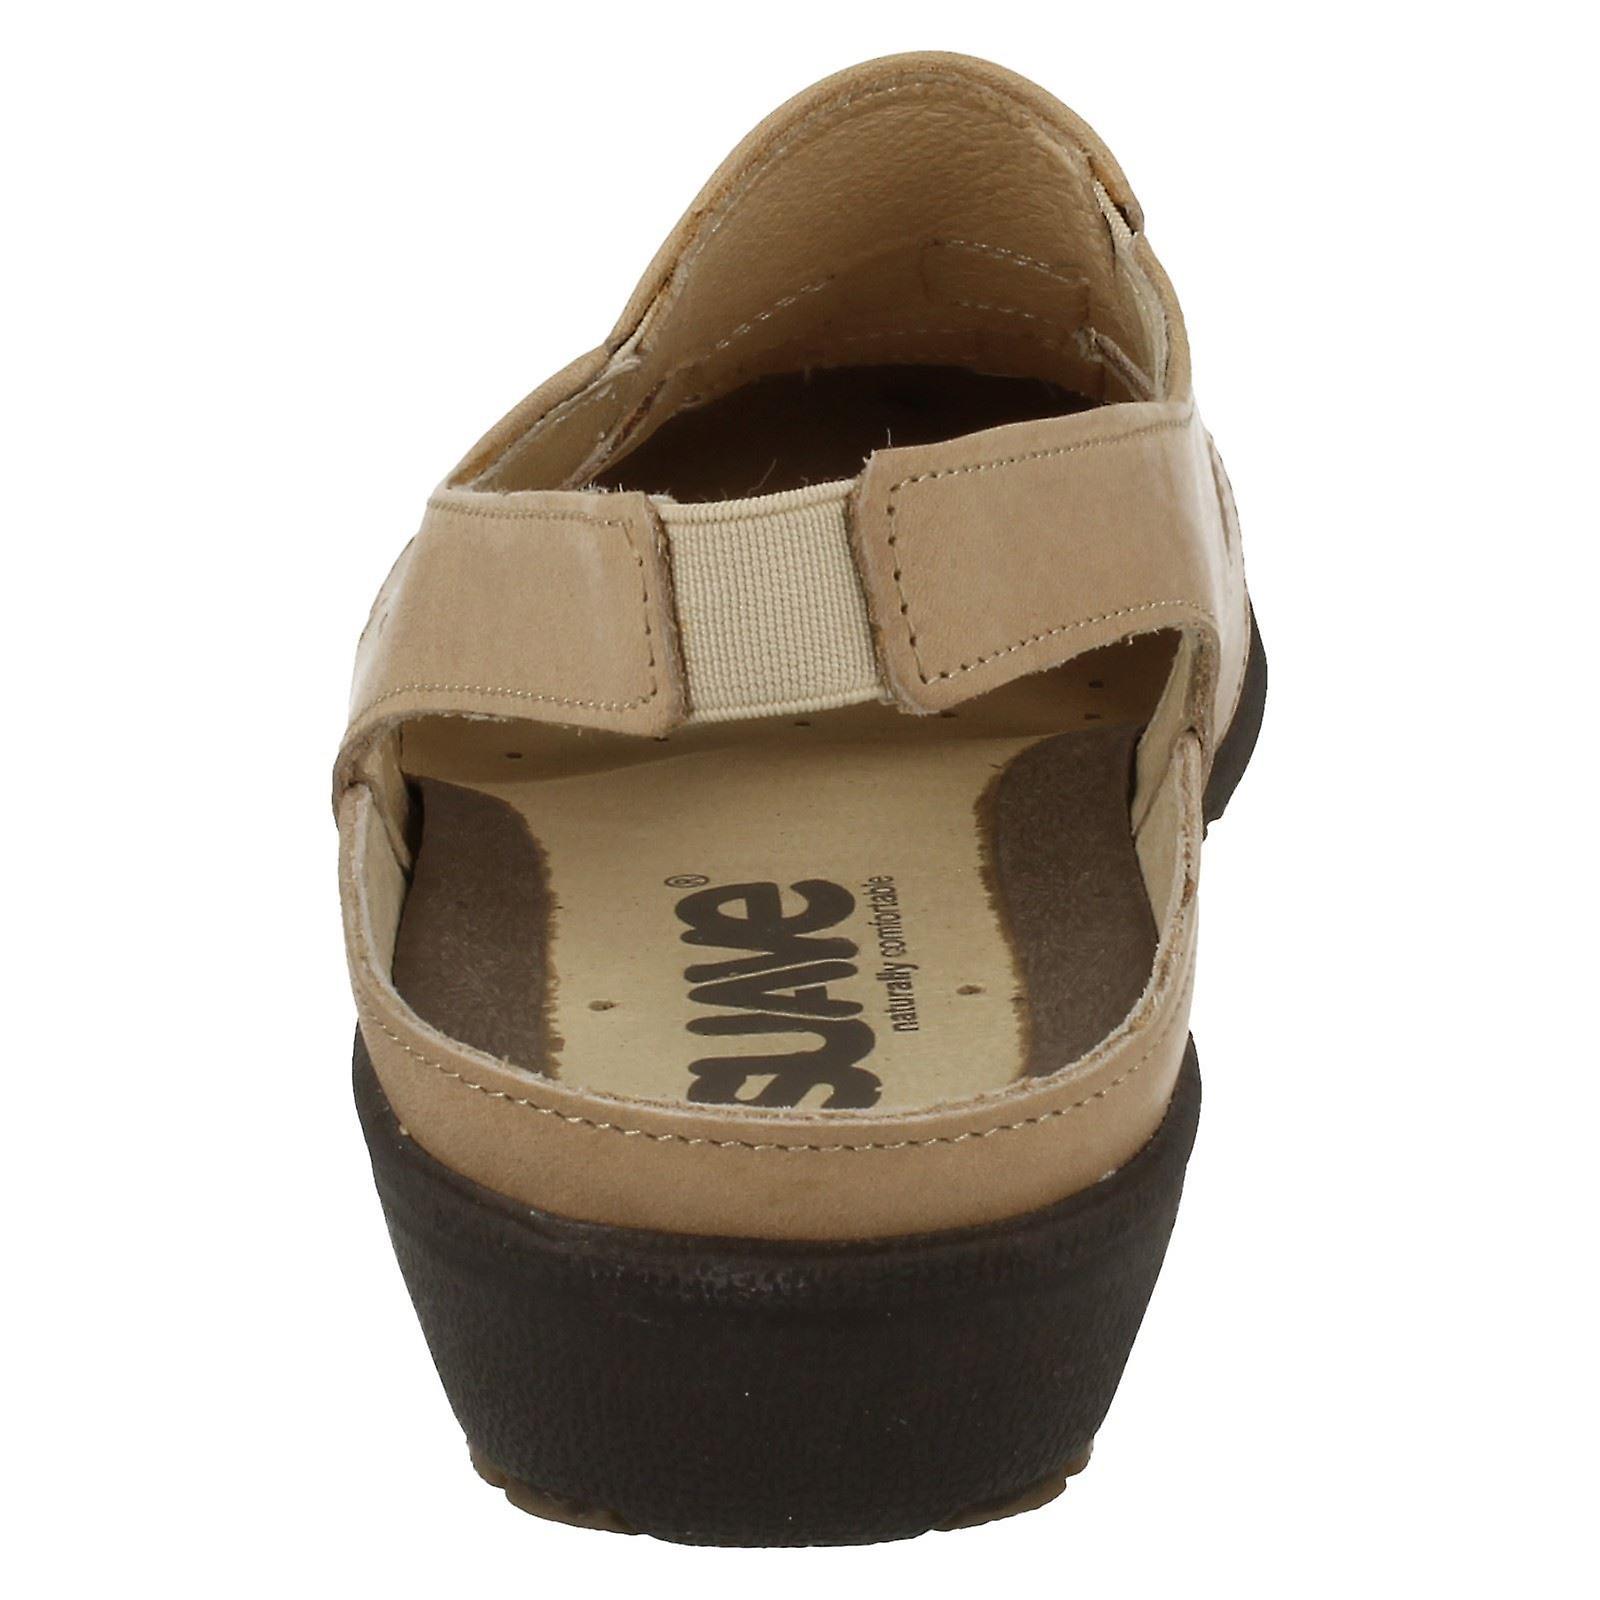 Ladies Suave Closed Toe Sandals Jodi